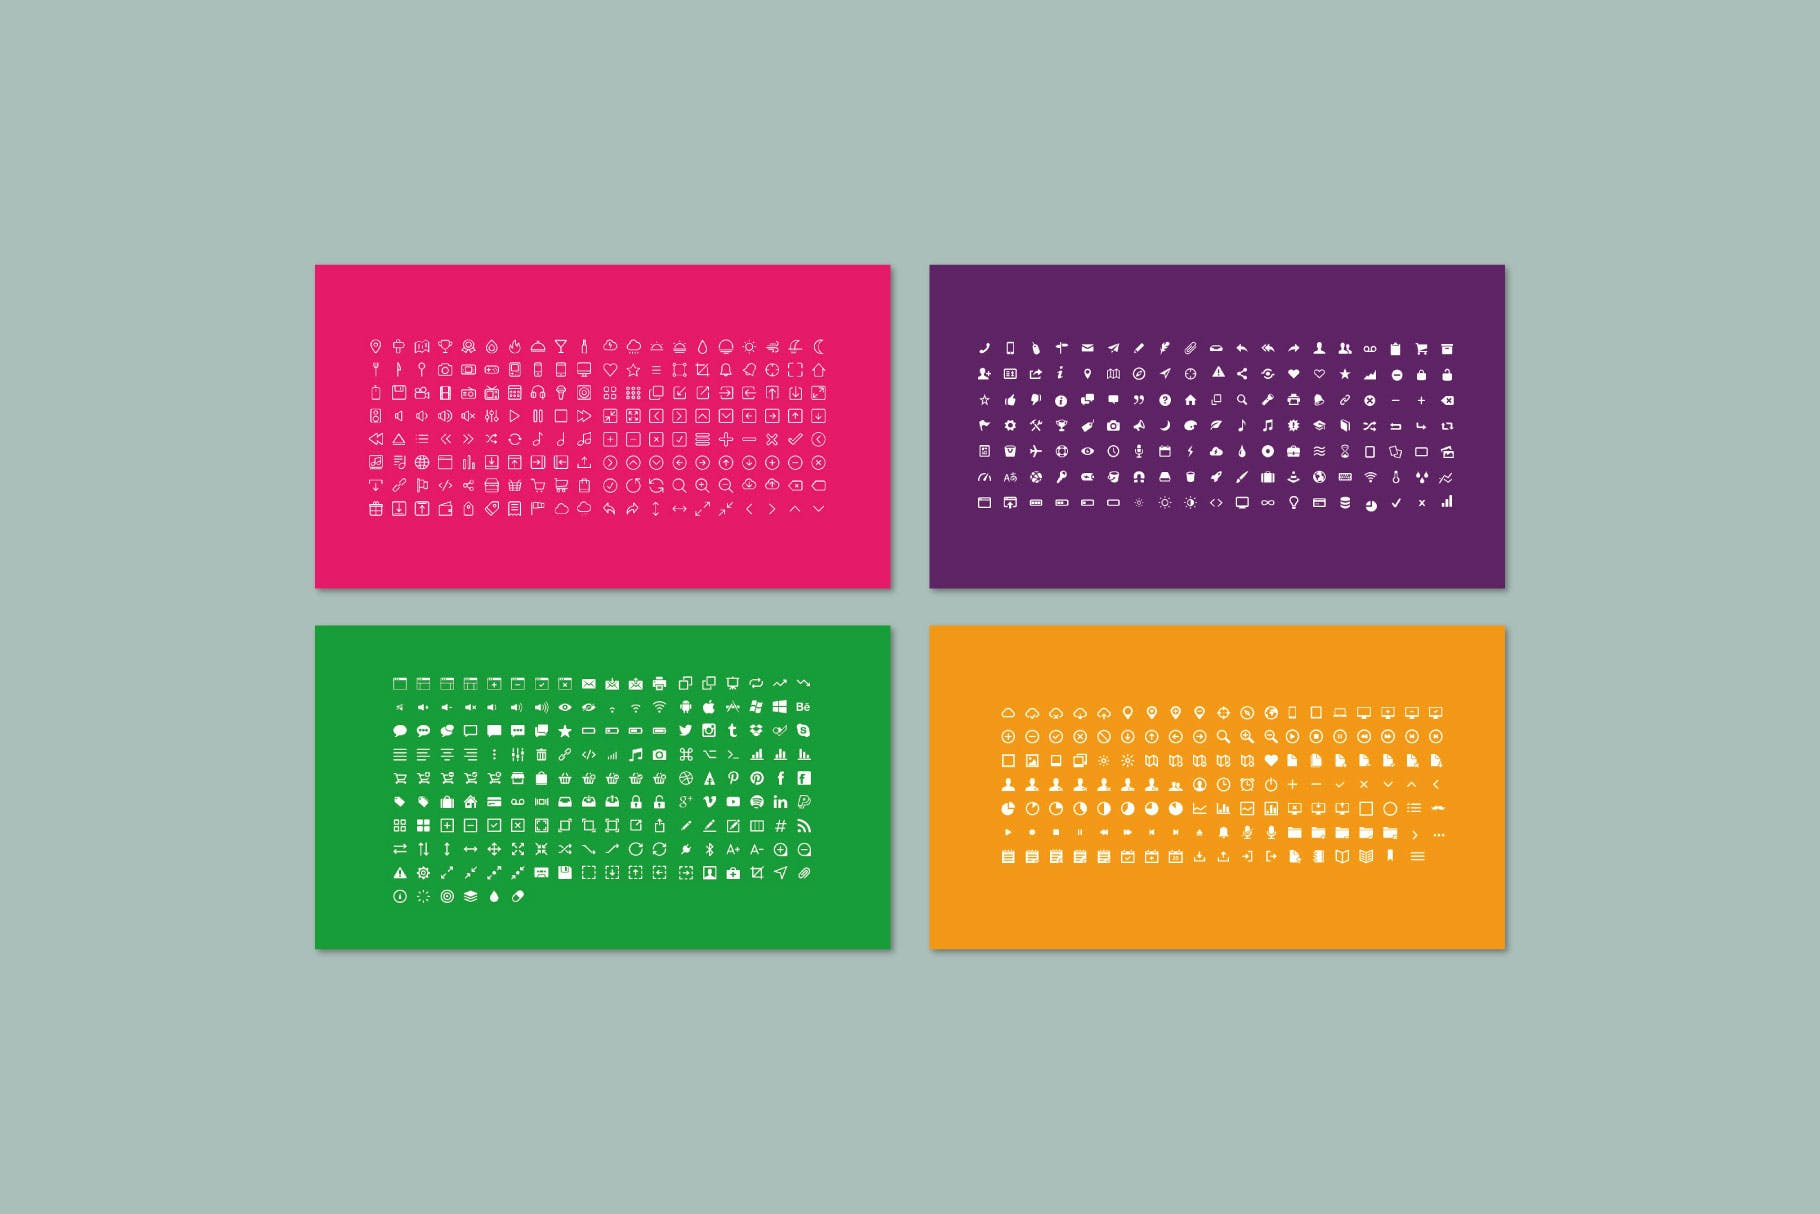 时尚多彩策划案图文排版设计演示文稿模板 Misya – Powerpoint Template插图(10)